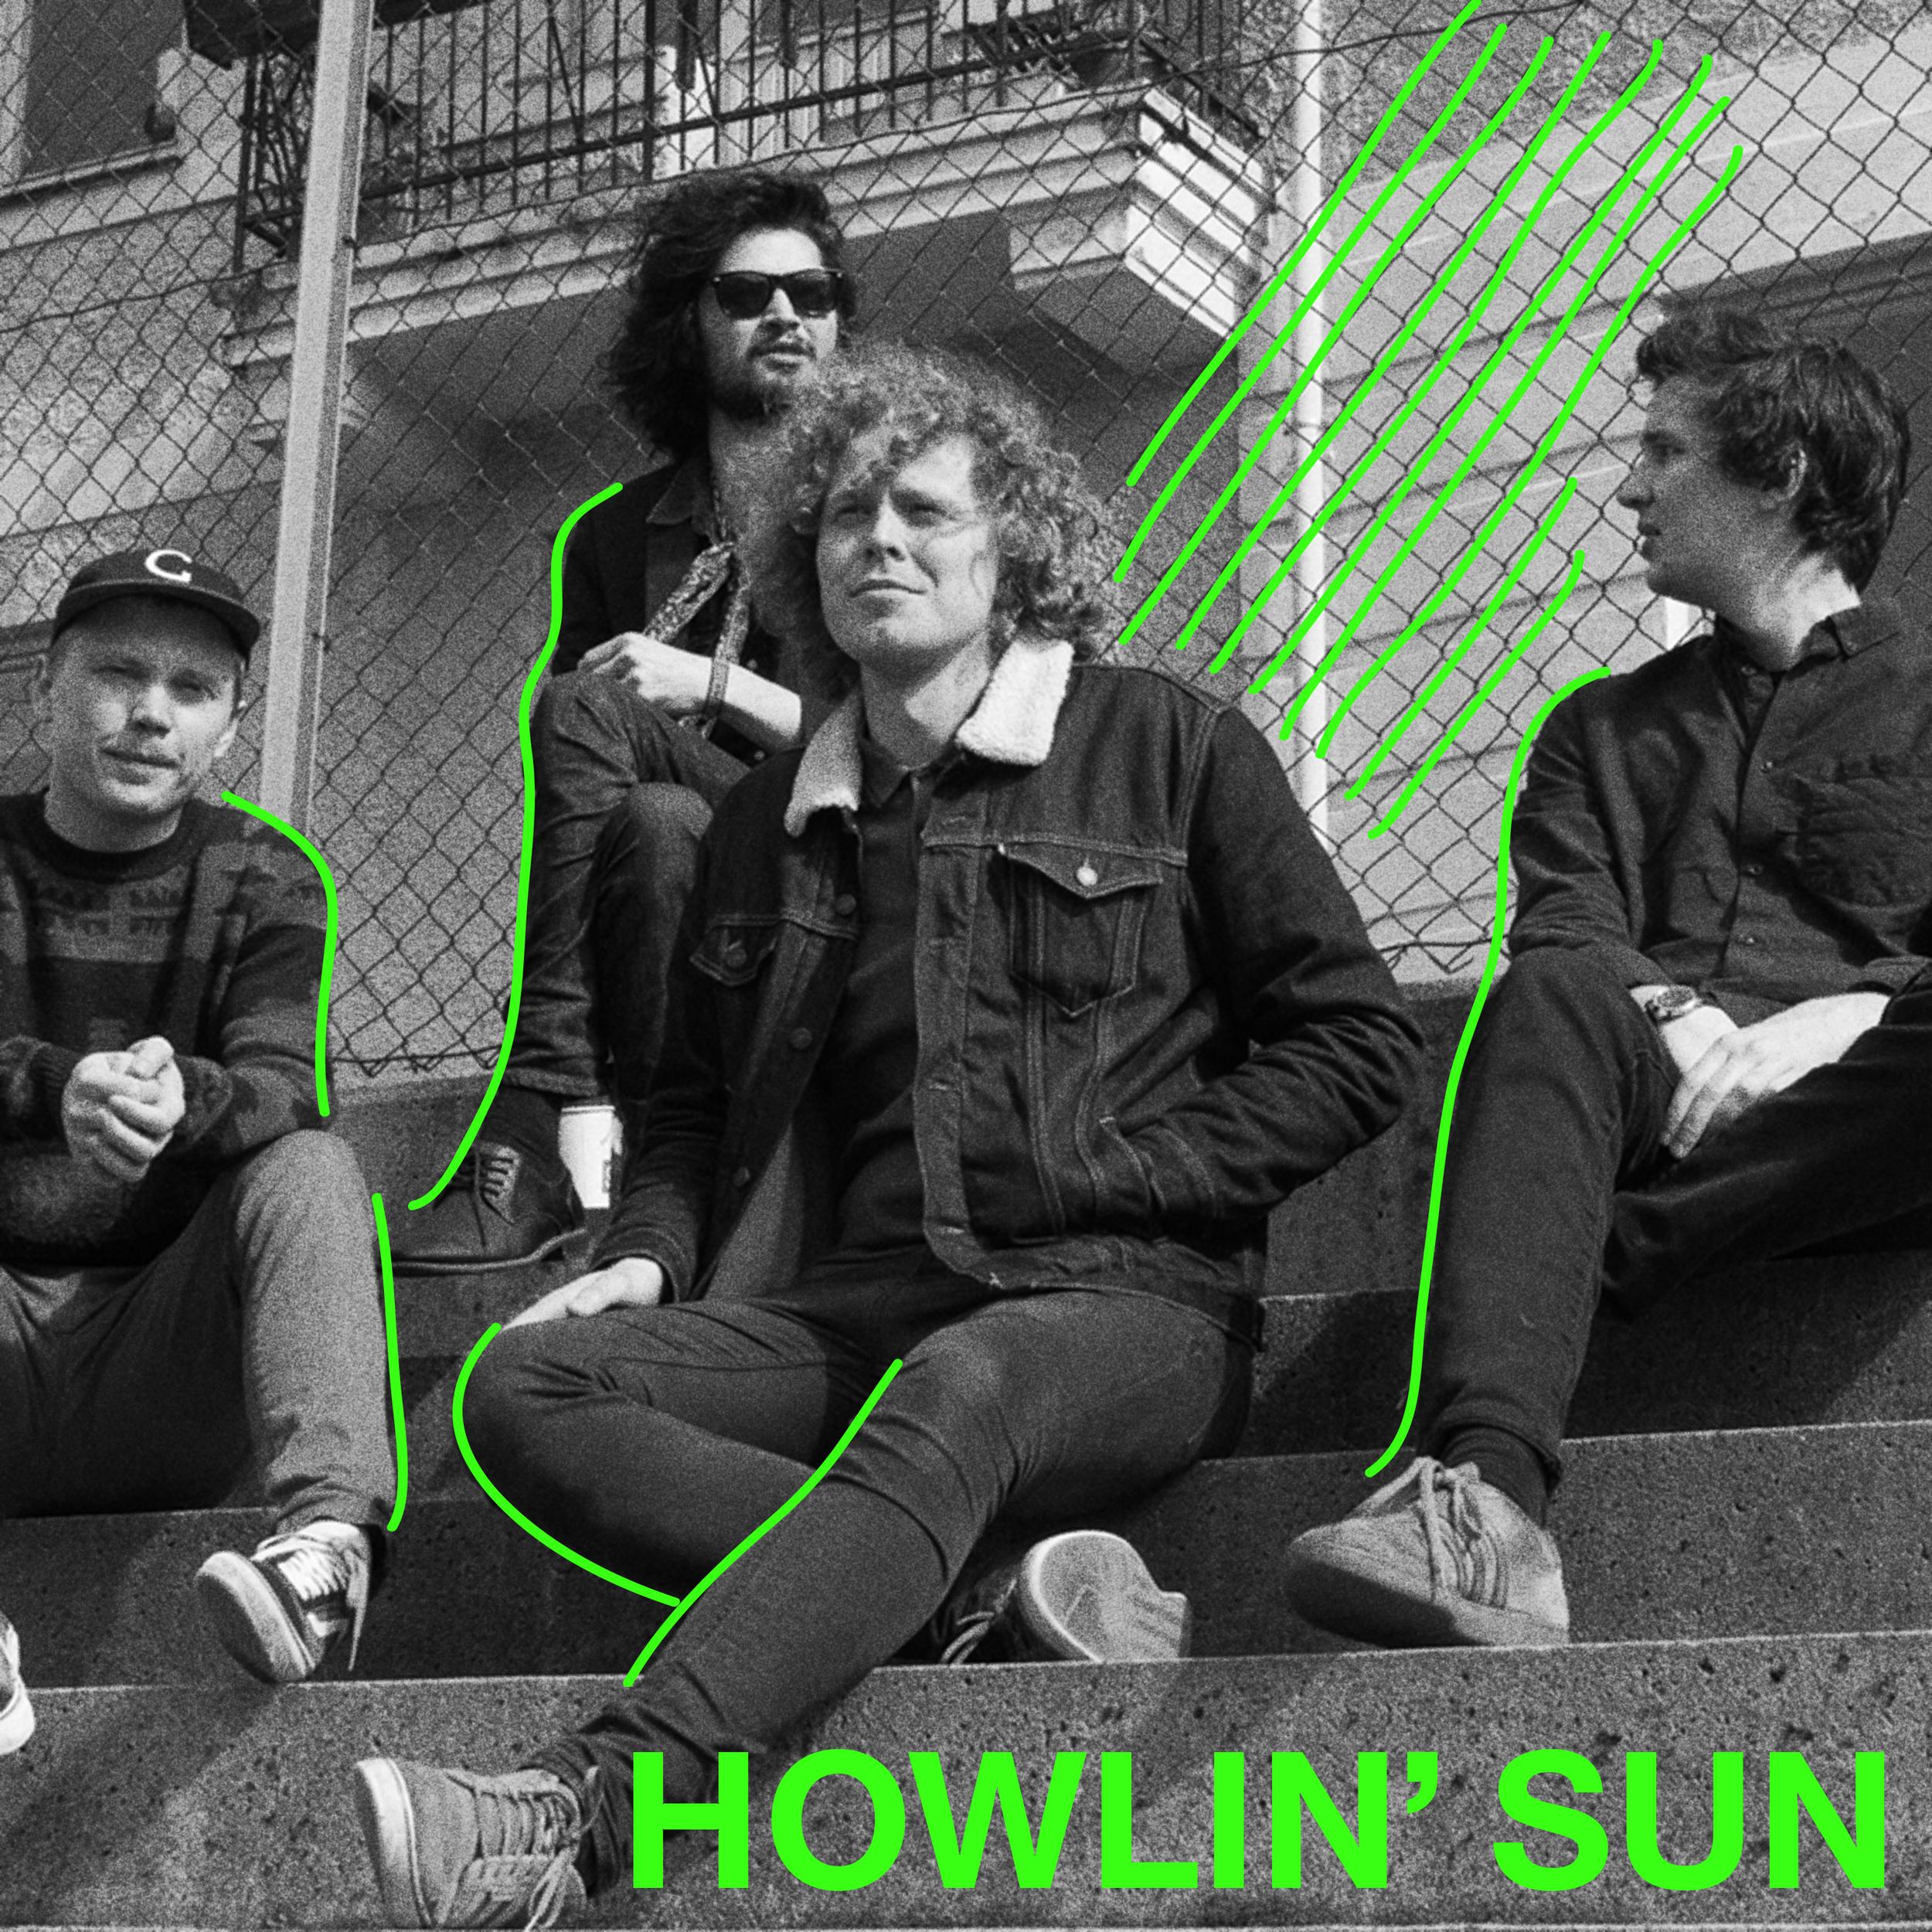 Howlin' Sun